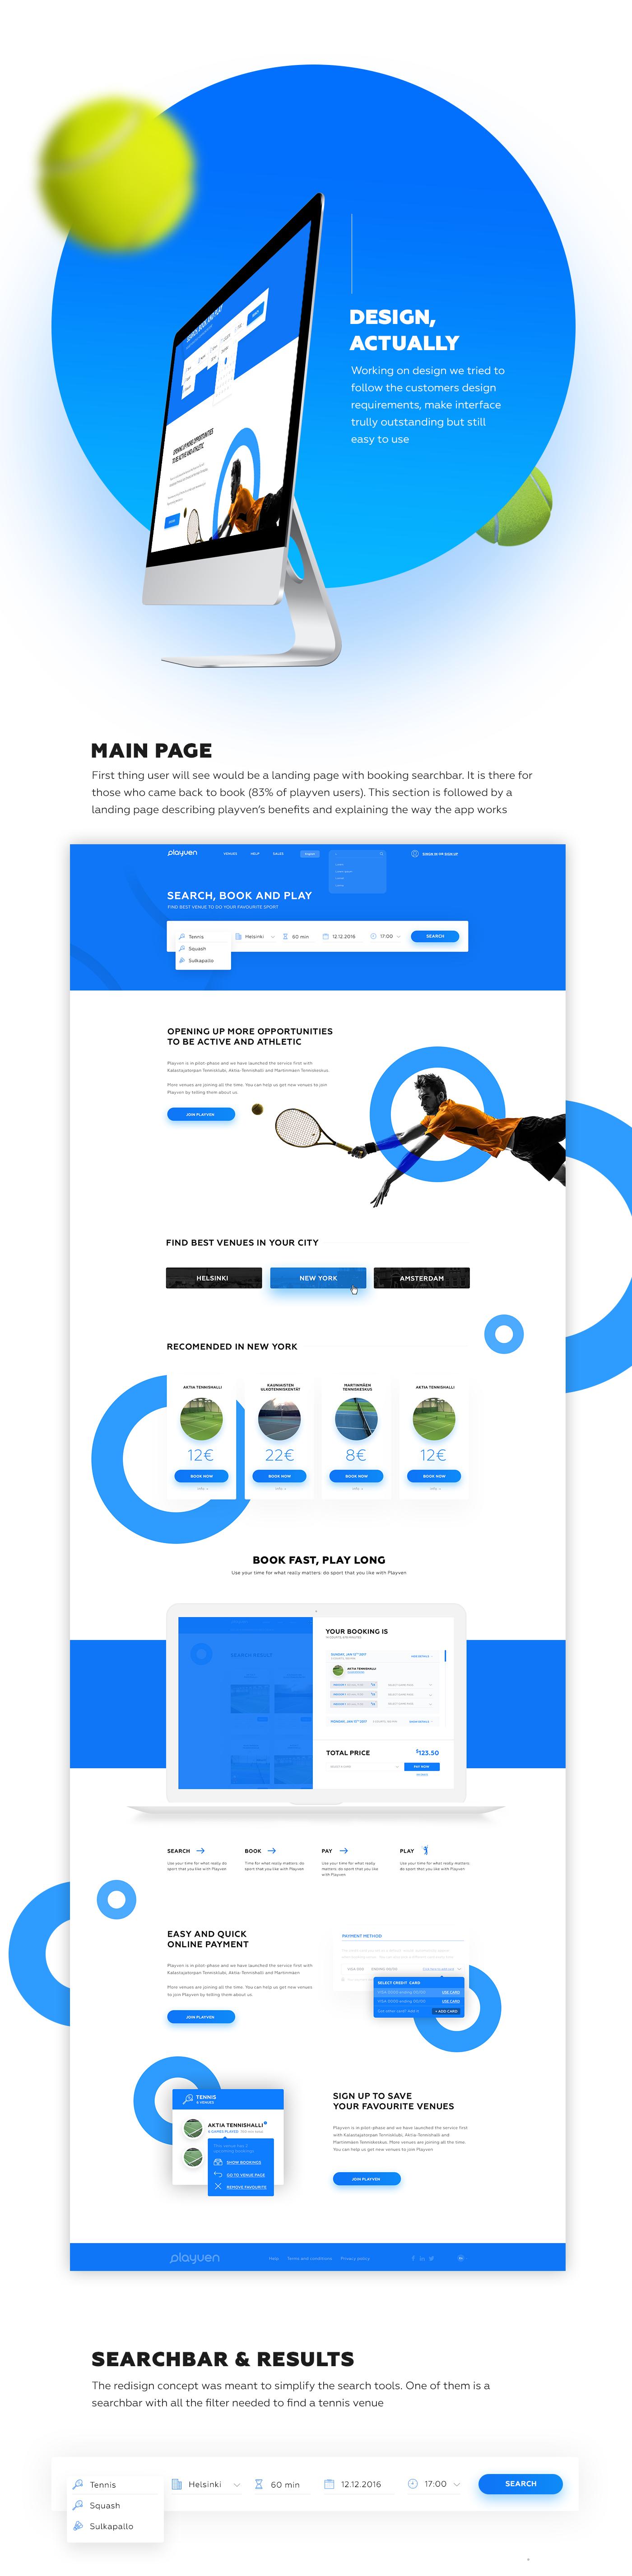 Playven webapp ui ux redesign on behance for Cool dreamweaver templates